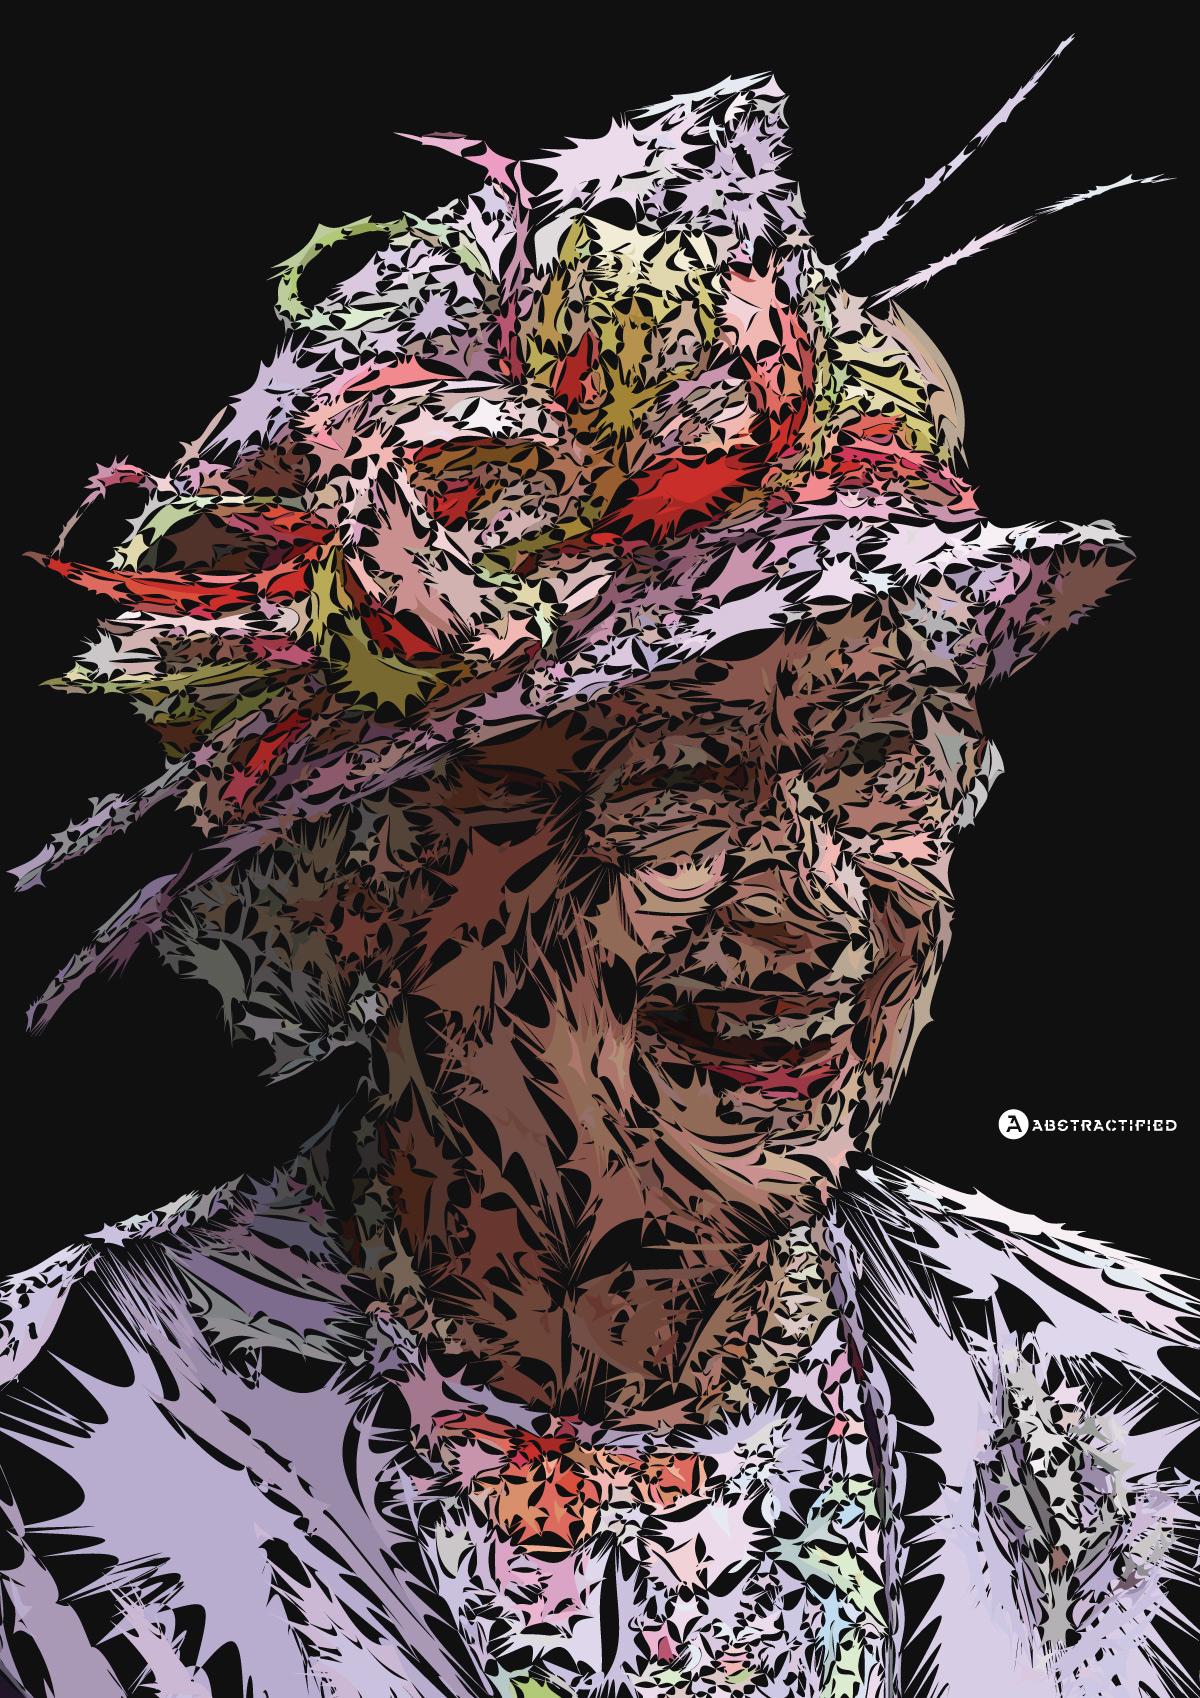 Abstractified Queen